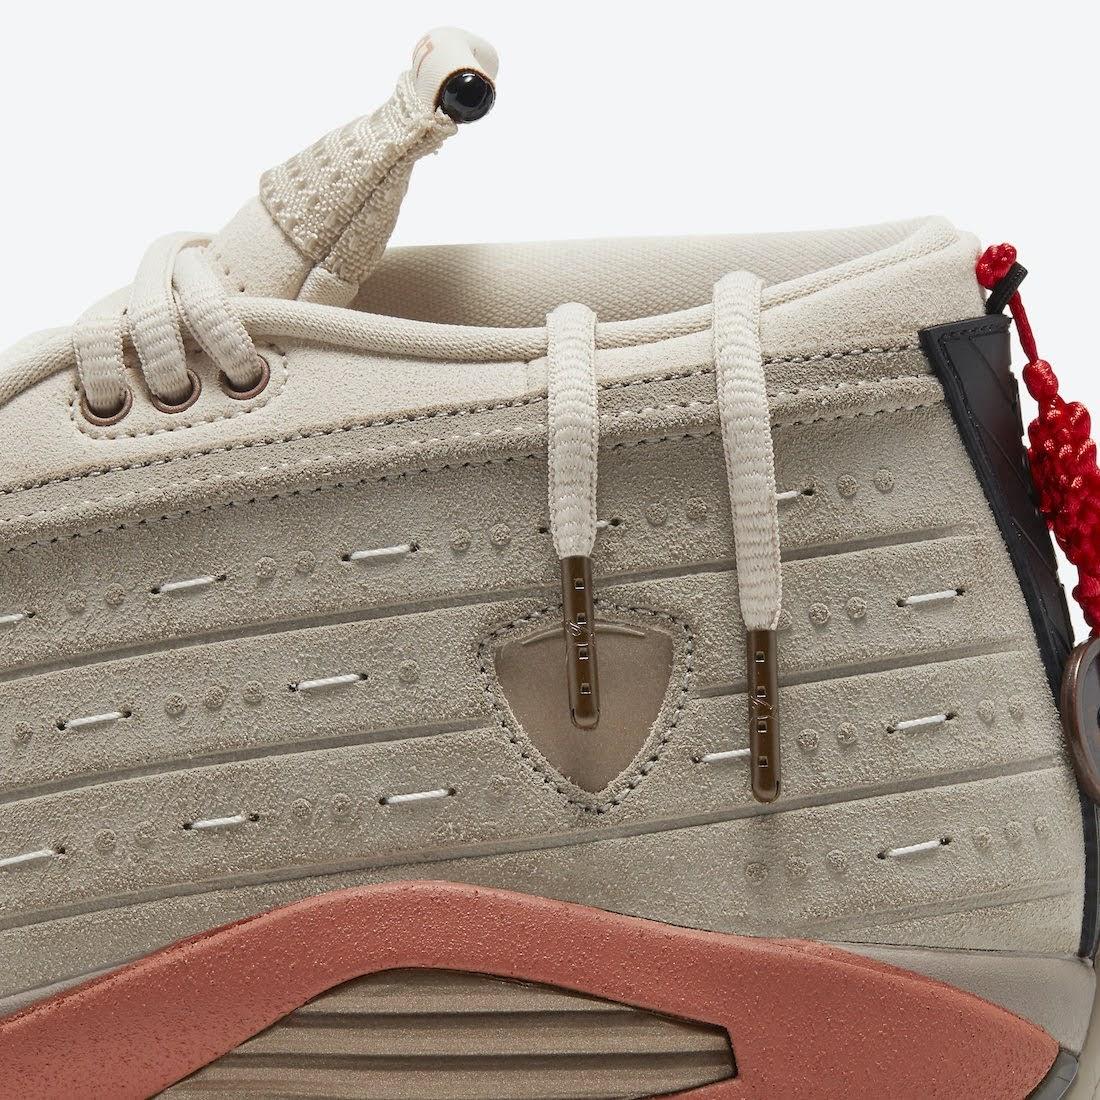 """クロット × ナイキ エア ジョーダン 14 ロー """"テラコッタ"""" clot-x-nike-air-jordan-14-low-terracotta-dc9857-200-shoelace"""